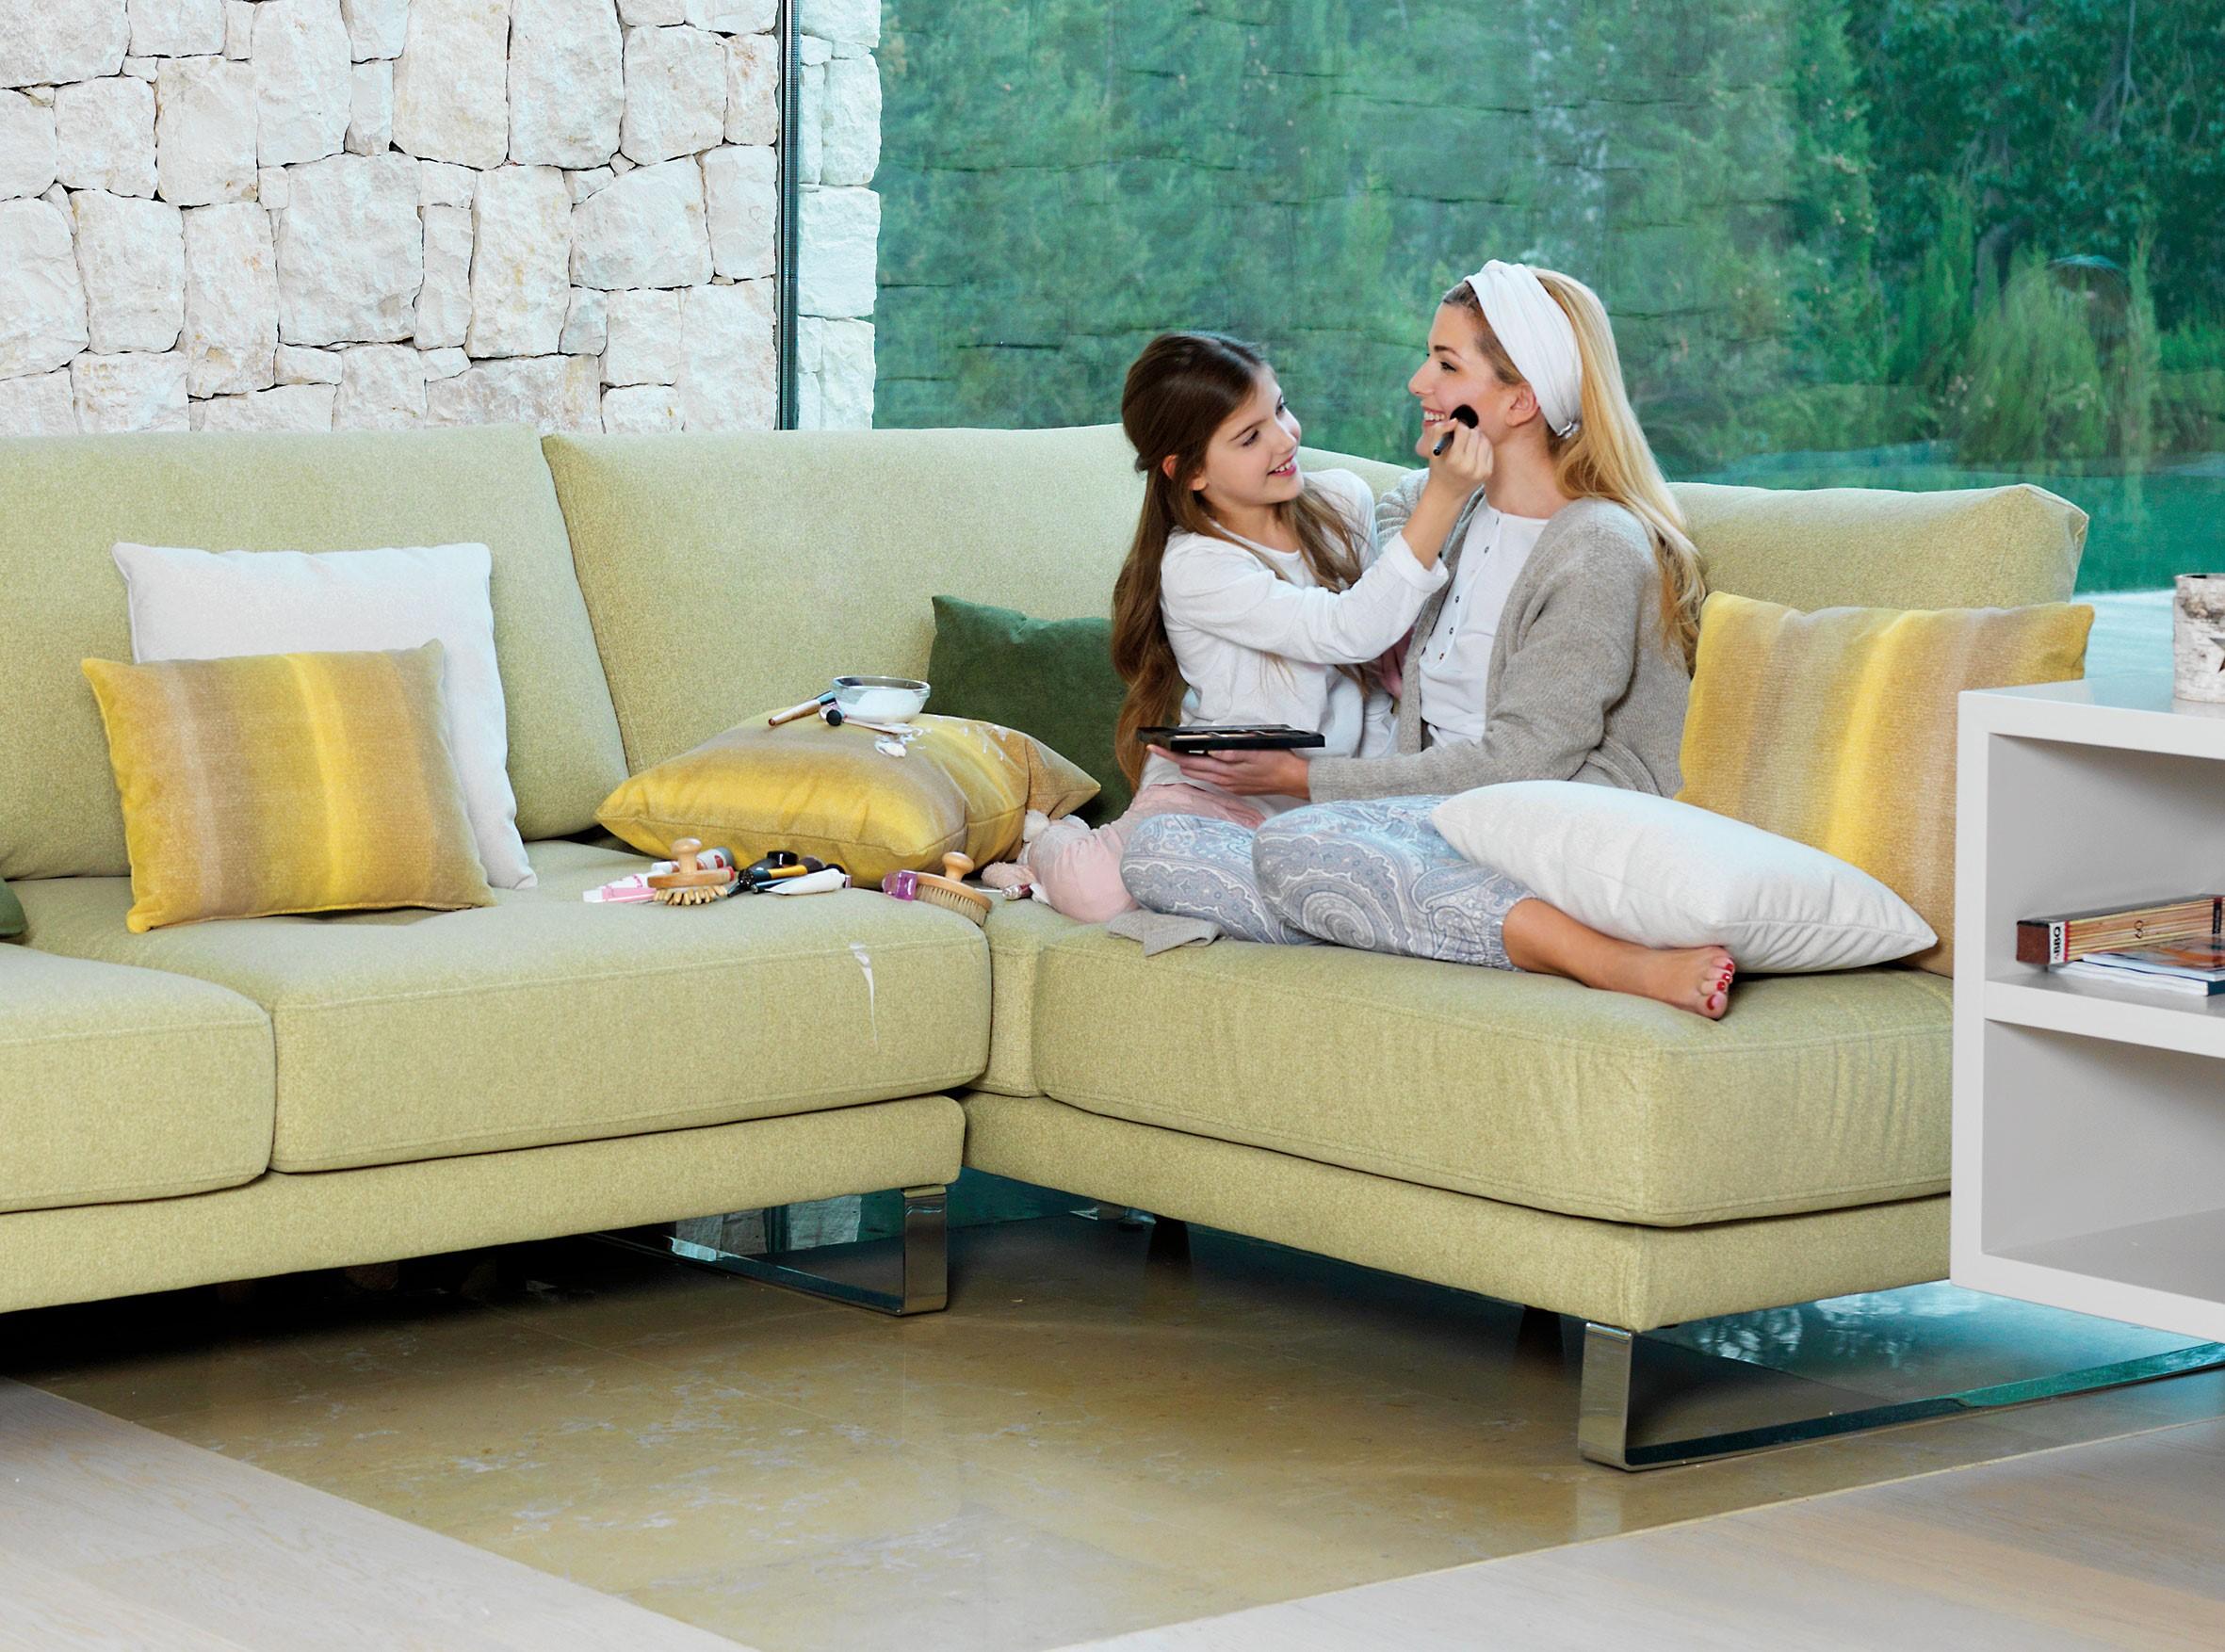 Telas aquaclean para sofas idea de la imagen de inicio - Telas para sofa ...